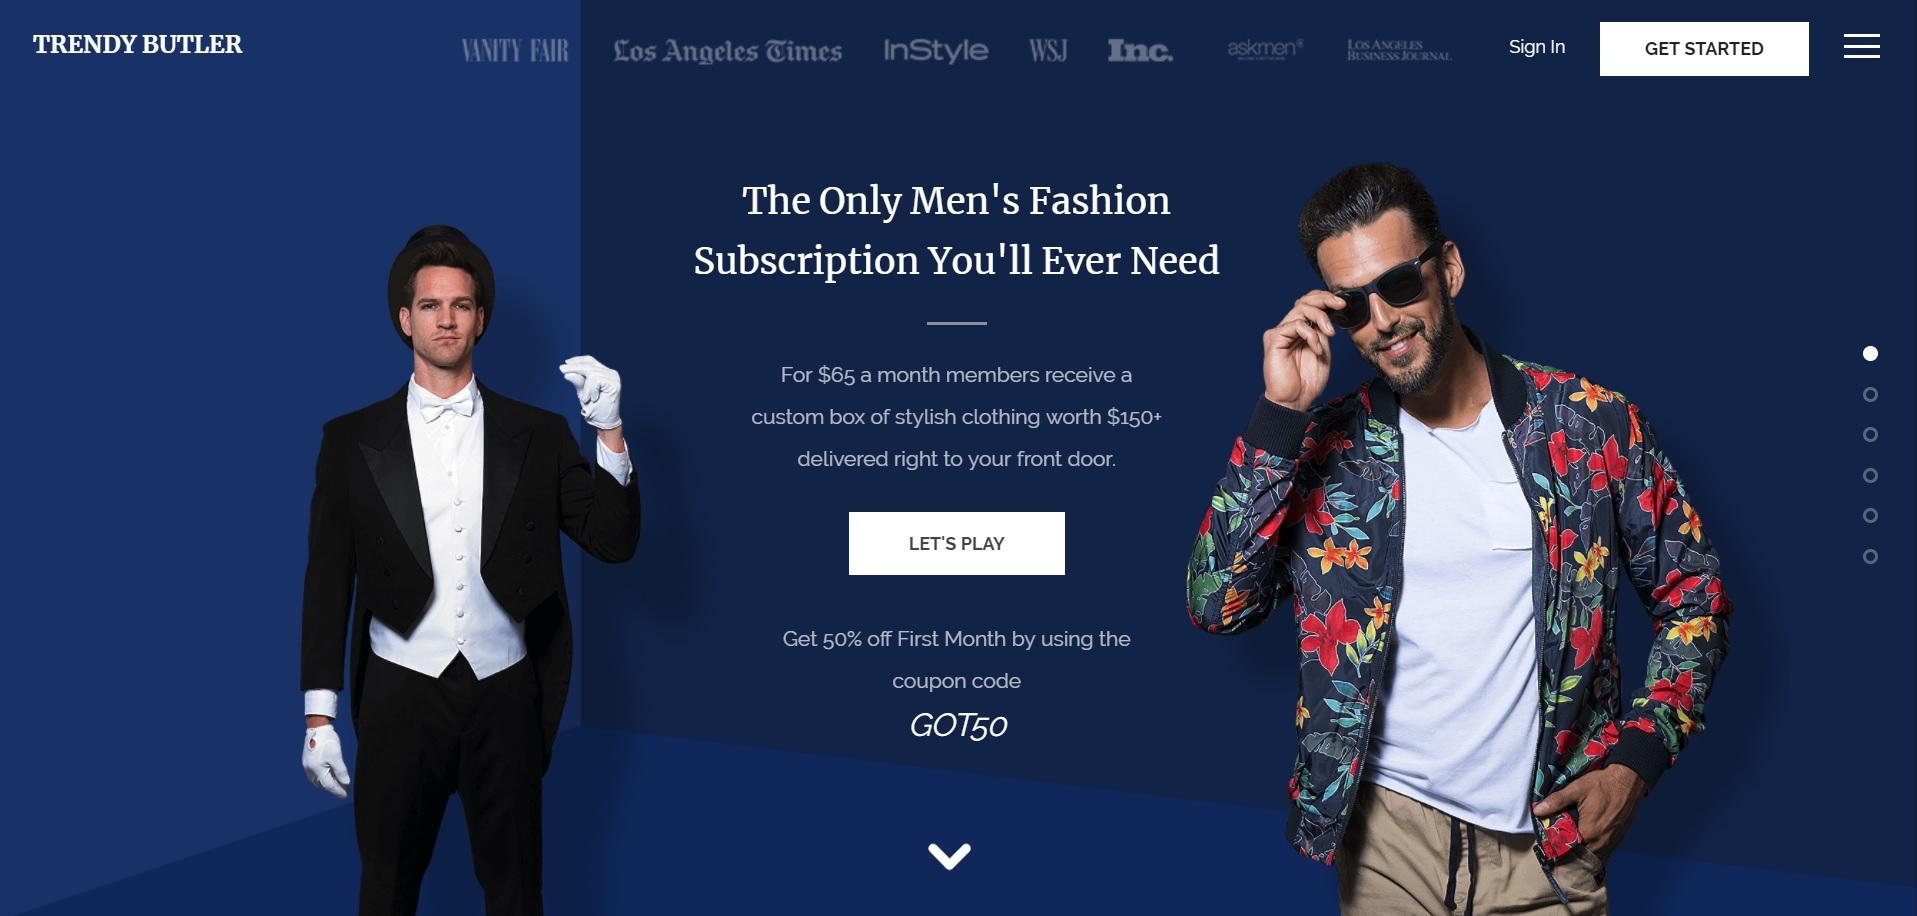 メンズファッションのサブスクリプション「TrendyButlar」